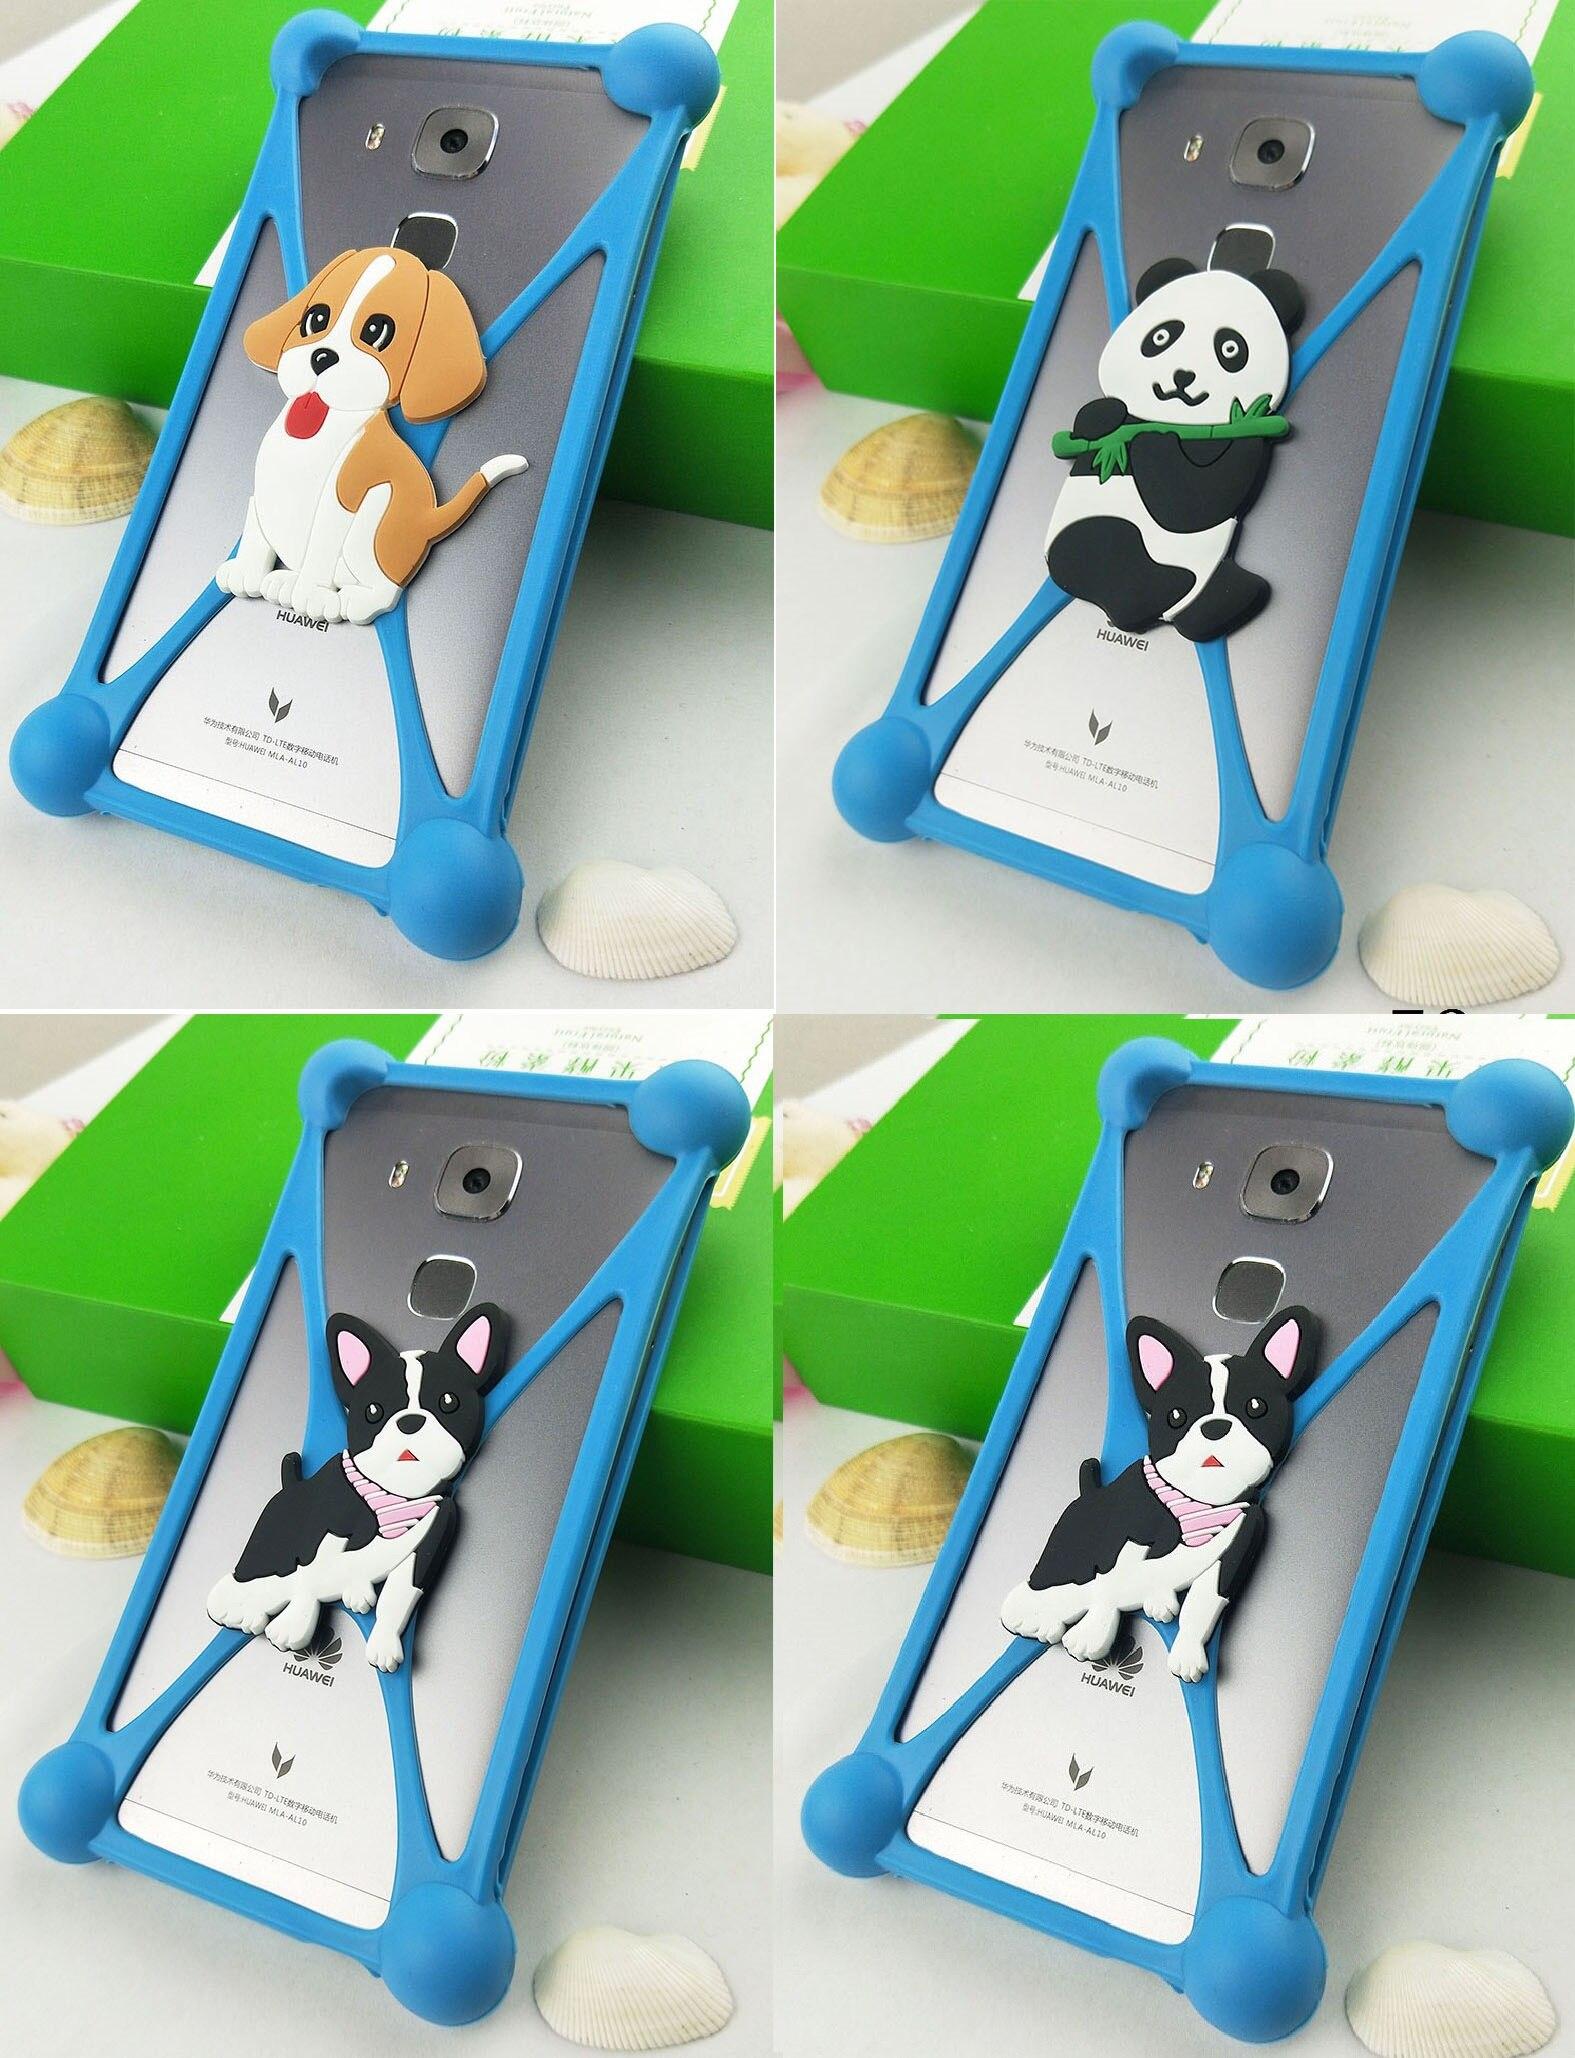 Smartphone Cover Case For AllCall S1 S10 Rio X Mix2 Madrid Atom Rio S T9 Pro Bro A1